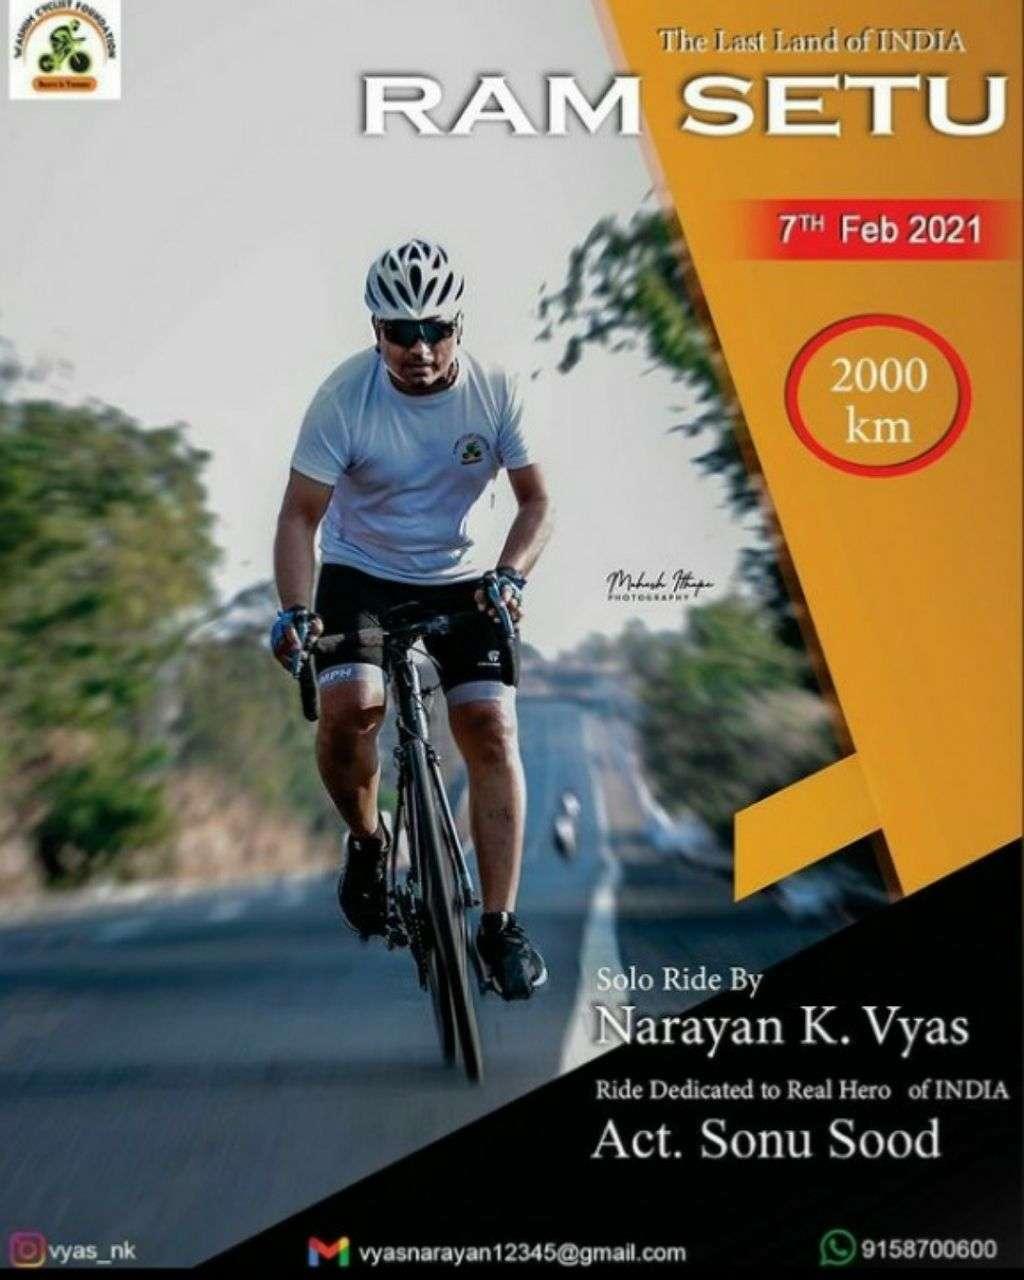 सोनू सूद के लिए महाराष्ट्र से तमिलनाडु तक साइकिल चलाएगा यह बंदा, 2000 किलोमीटर करेगा सफर